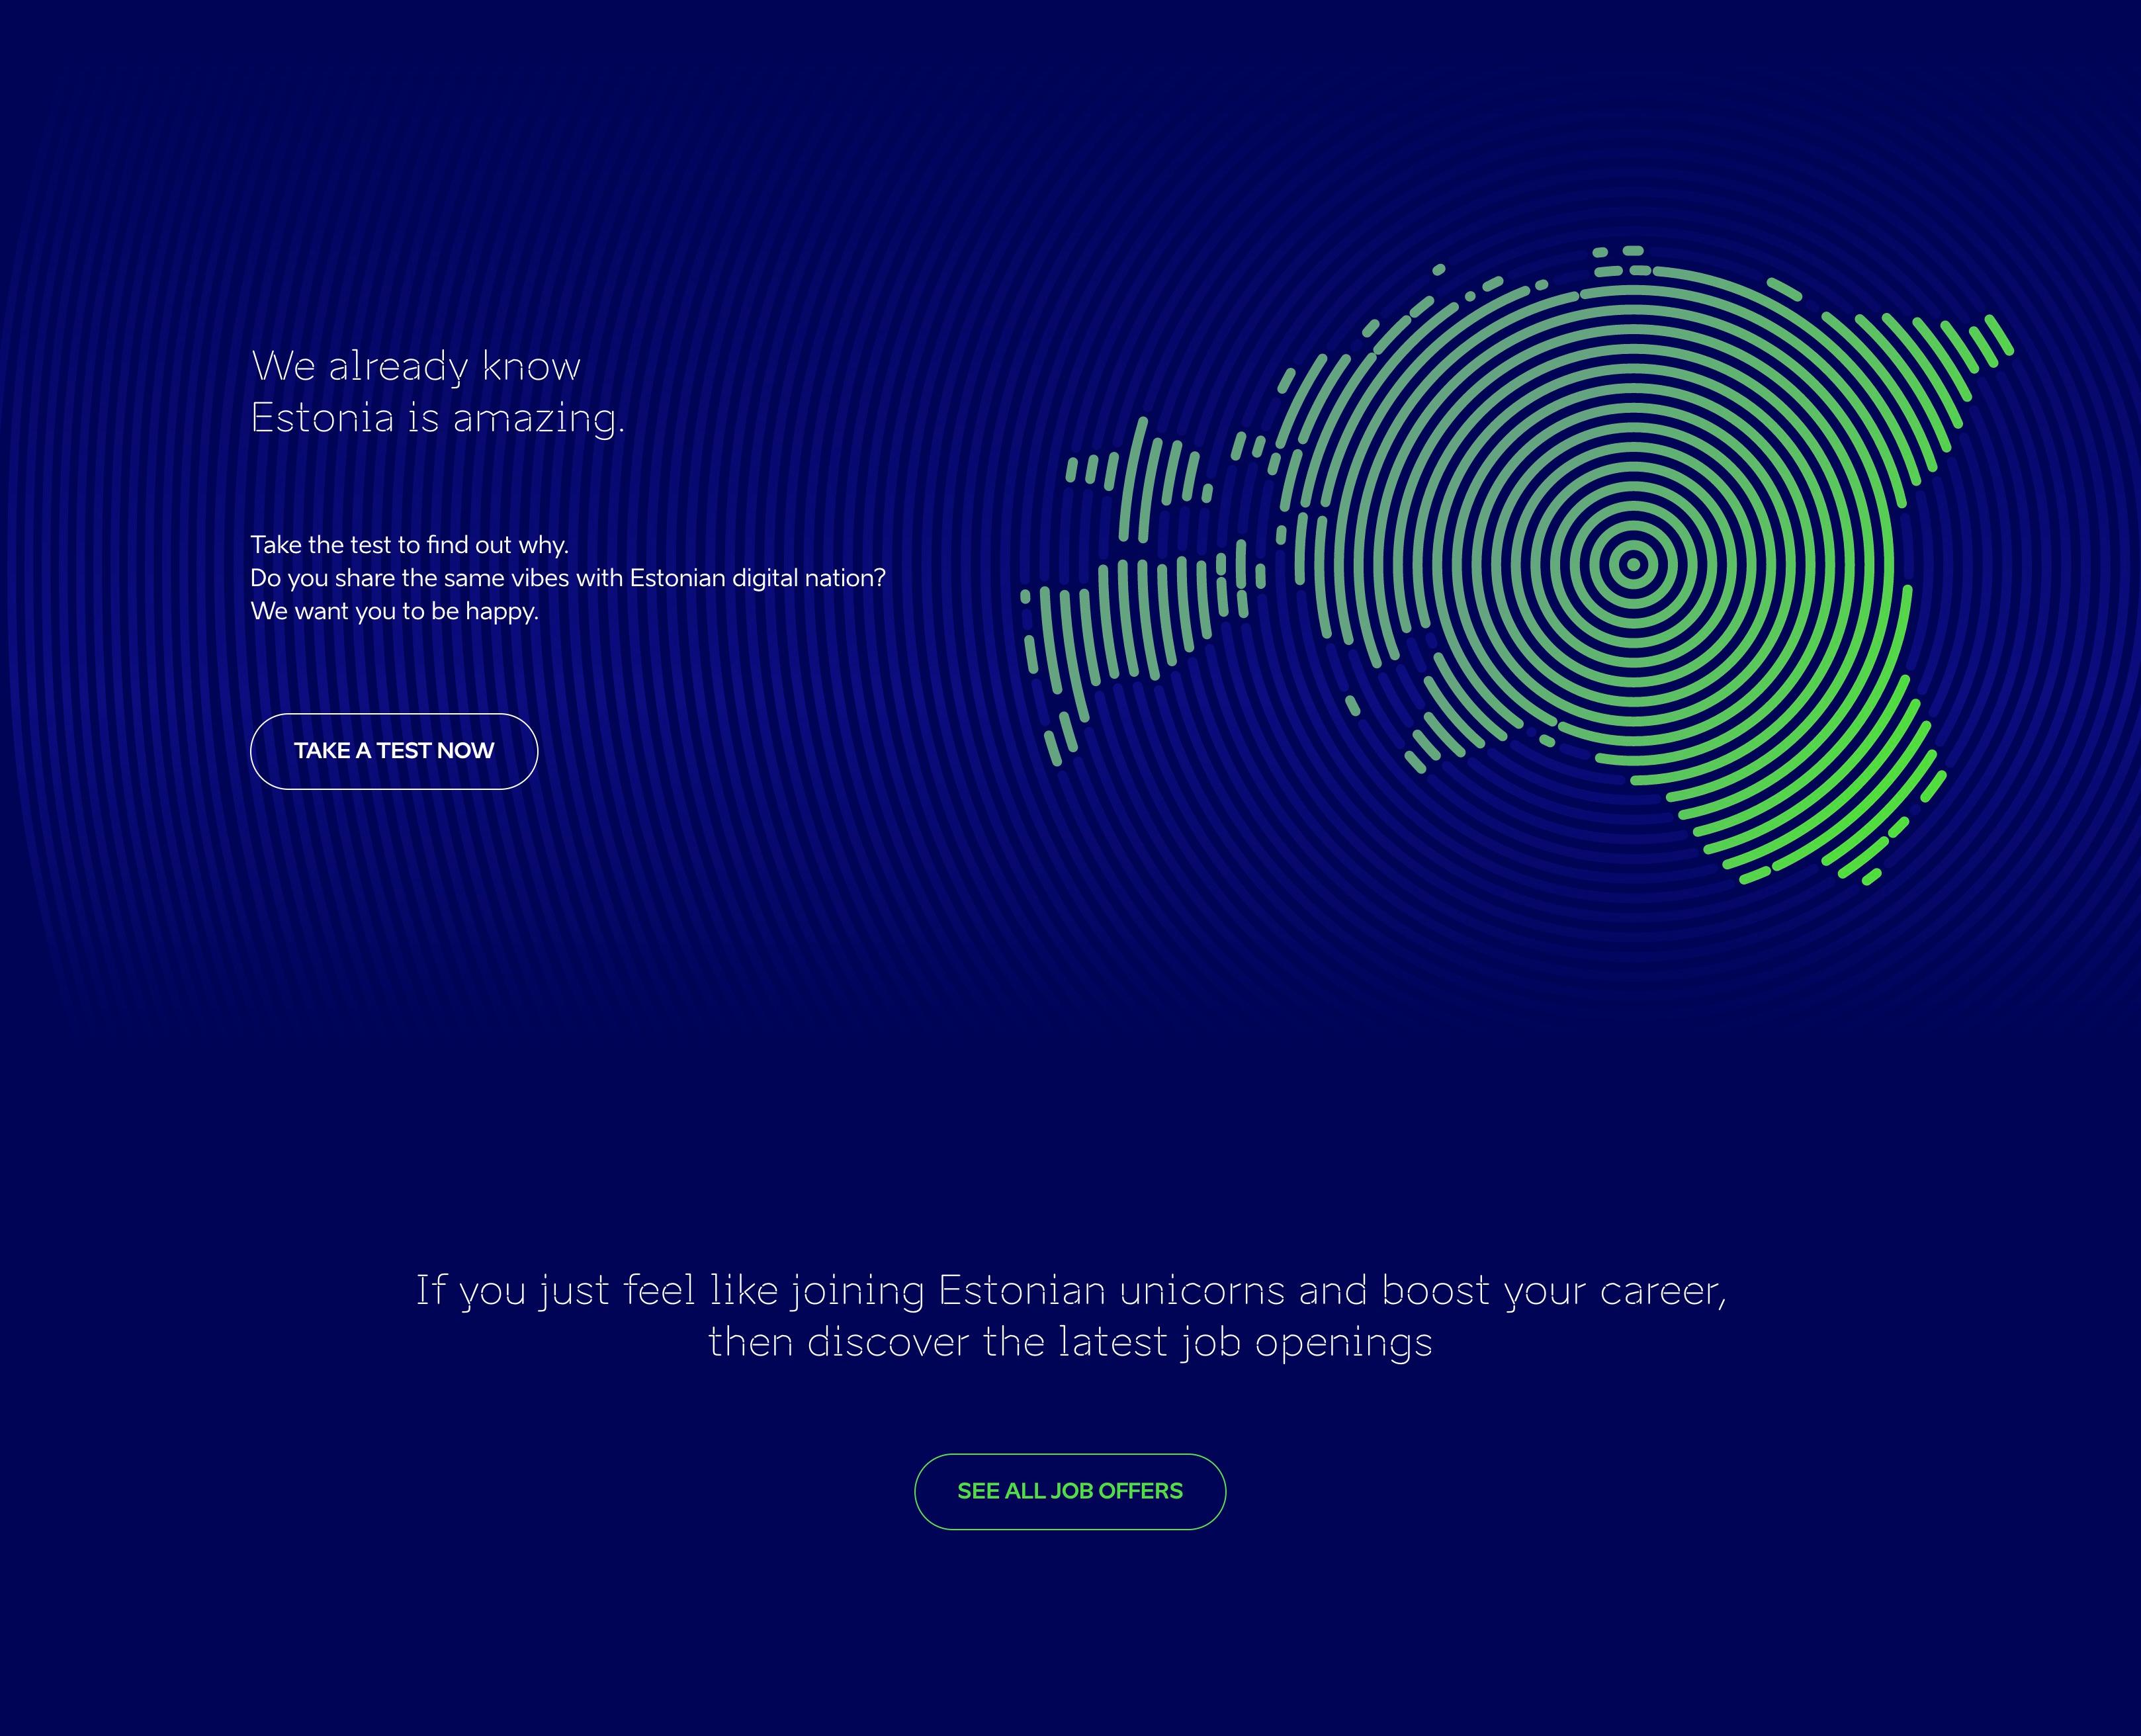 work in estonia kampaania näide